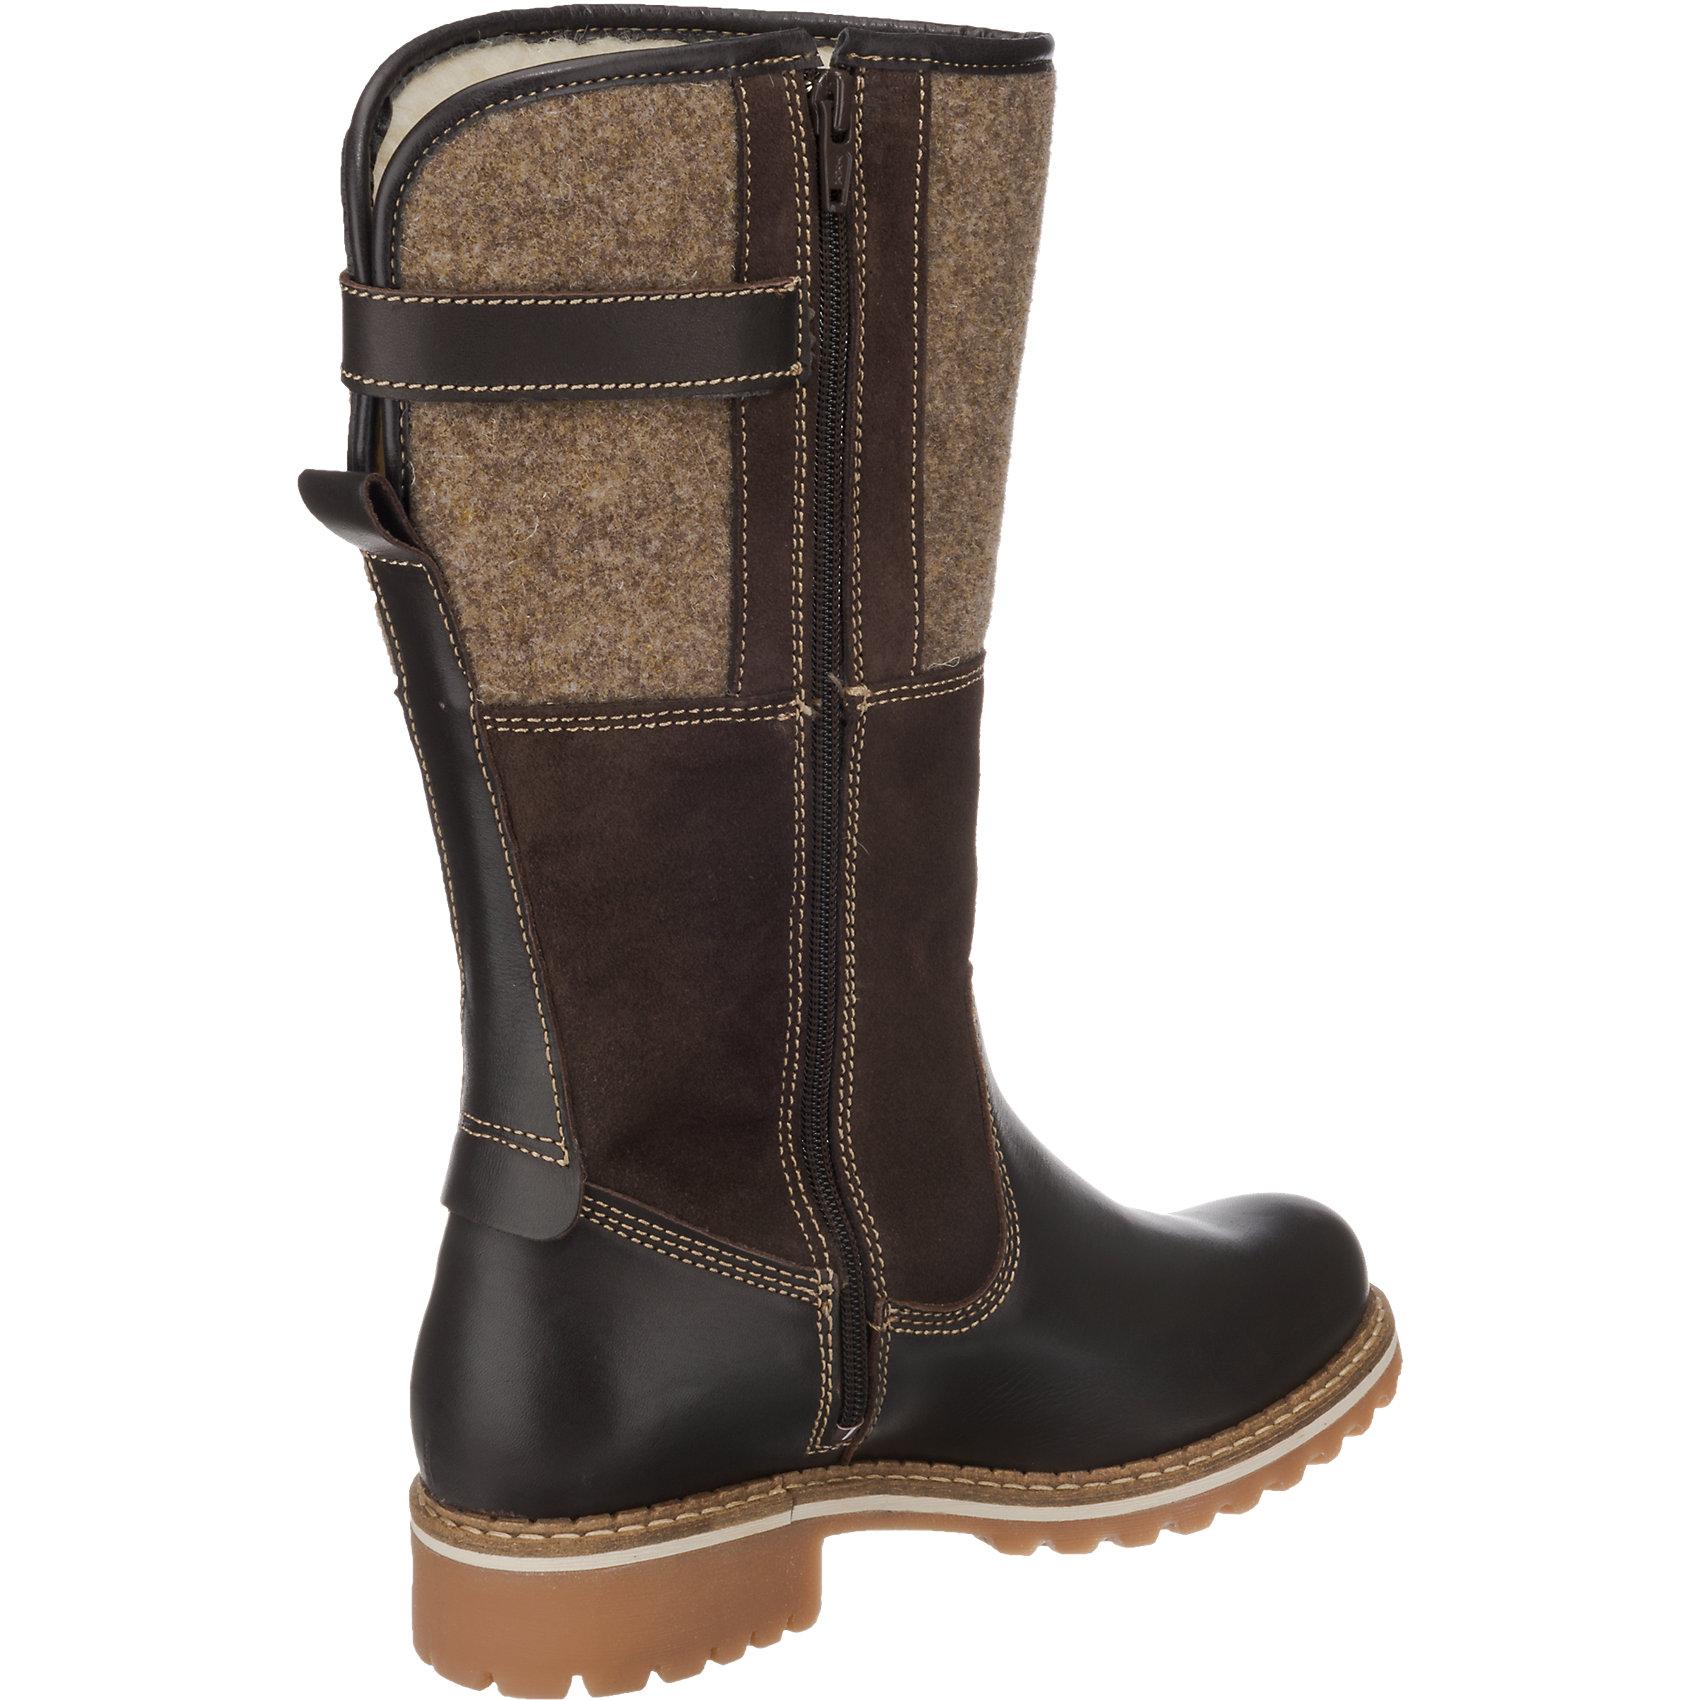 a5131133e1d297 Neu Tamaris Klassische Stiefel 6832165 für Damen braun-kombi